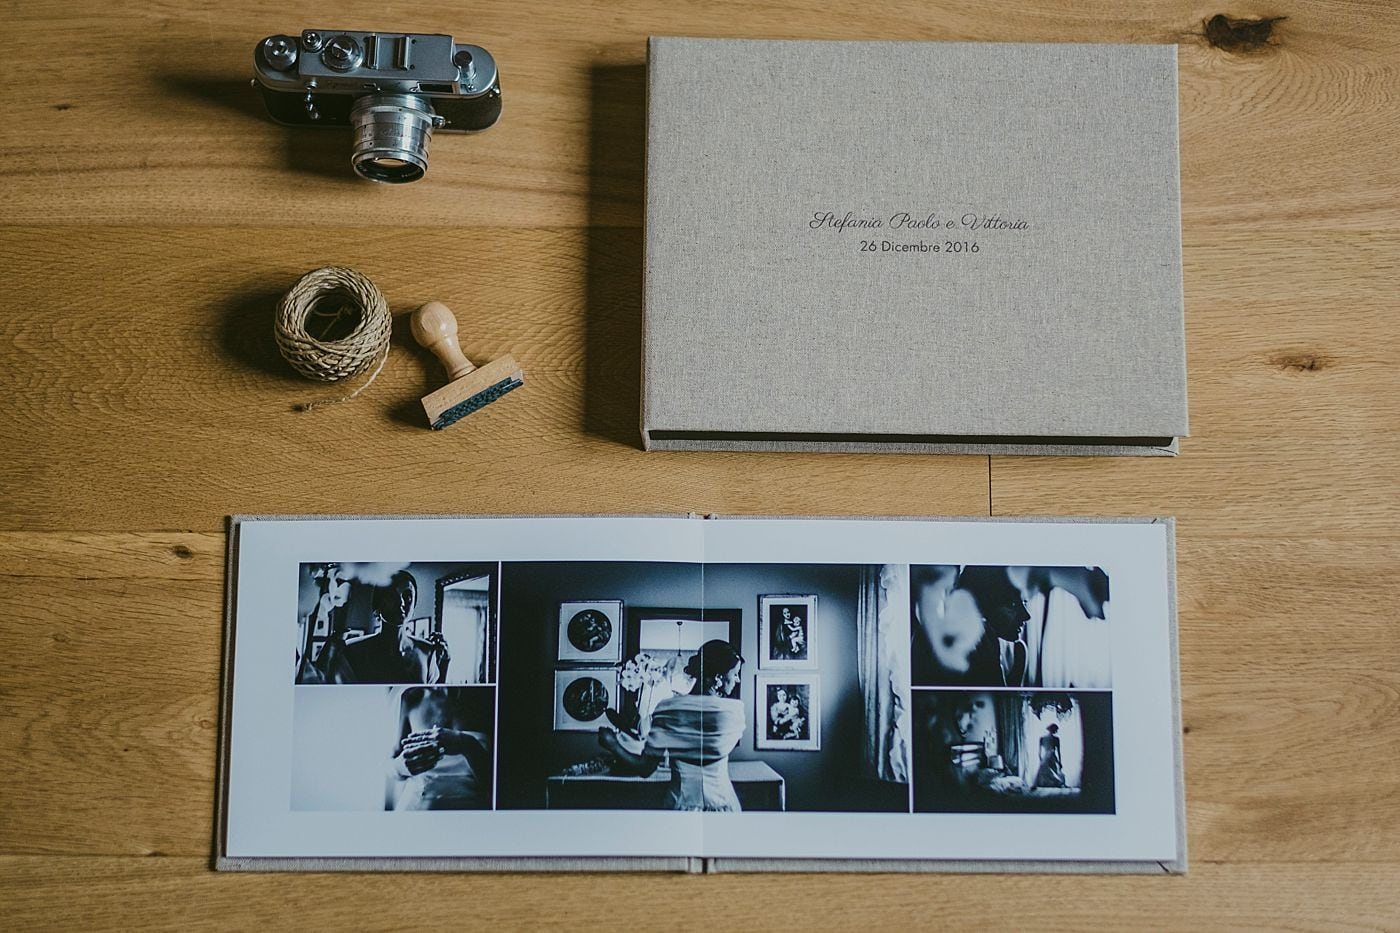 album di matrimonio fotolibro